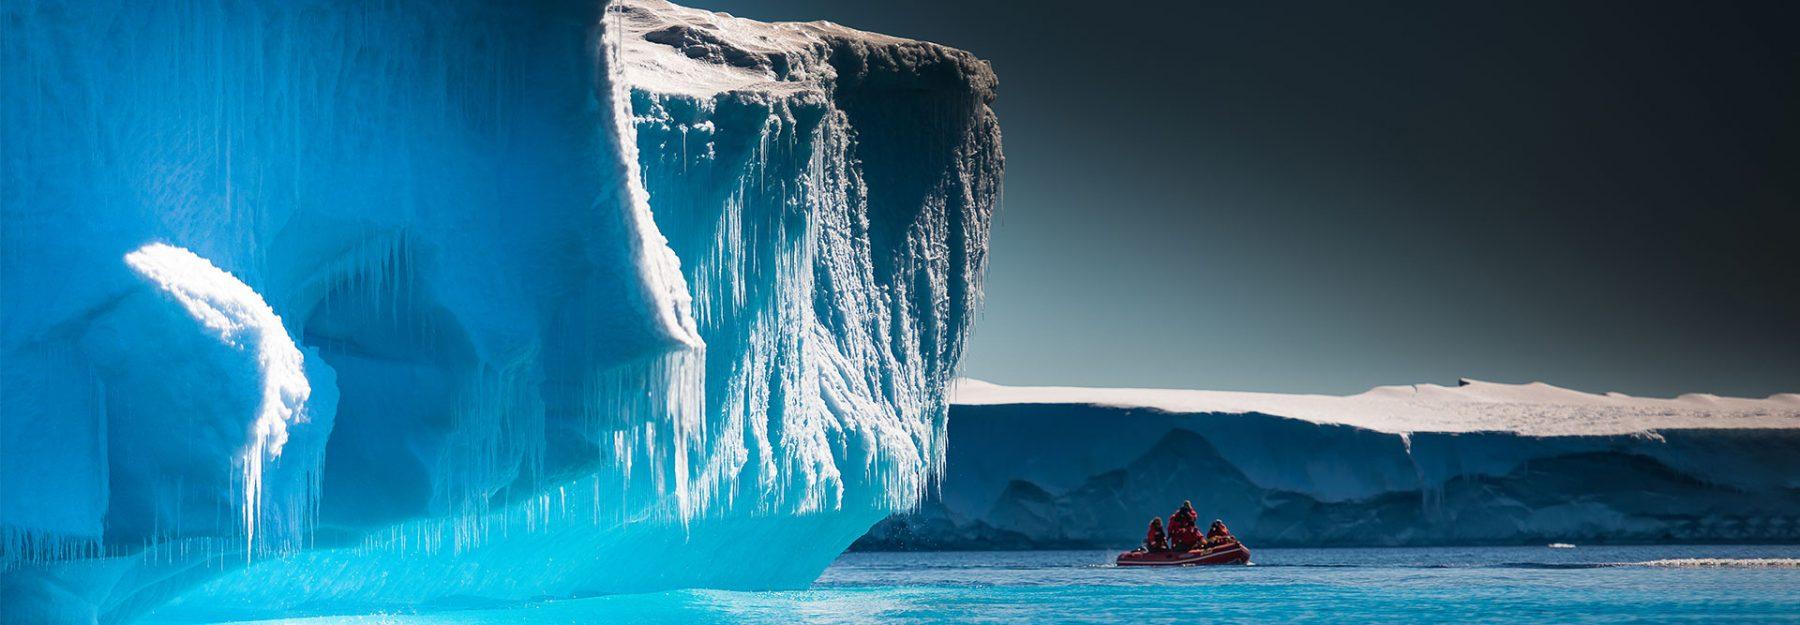 Viaggio in Antartide Kayak